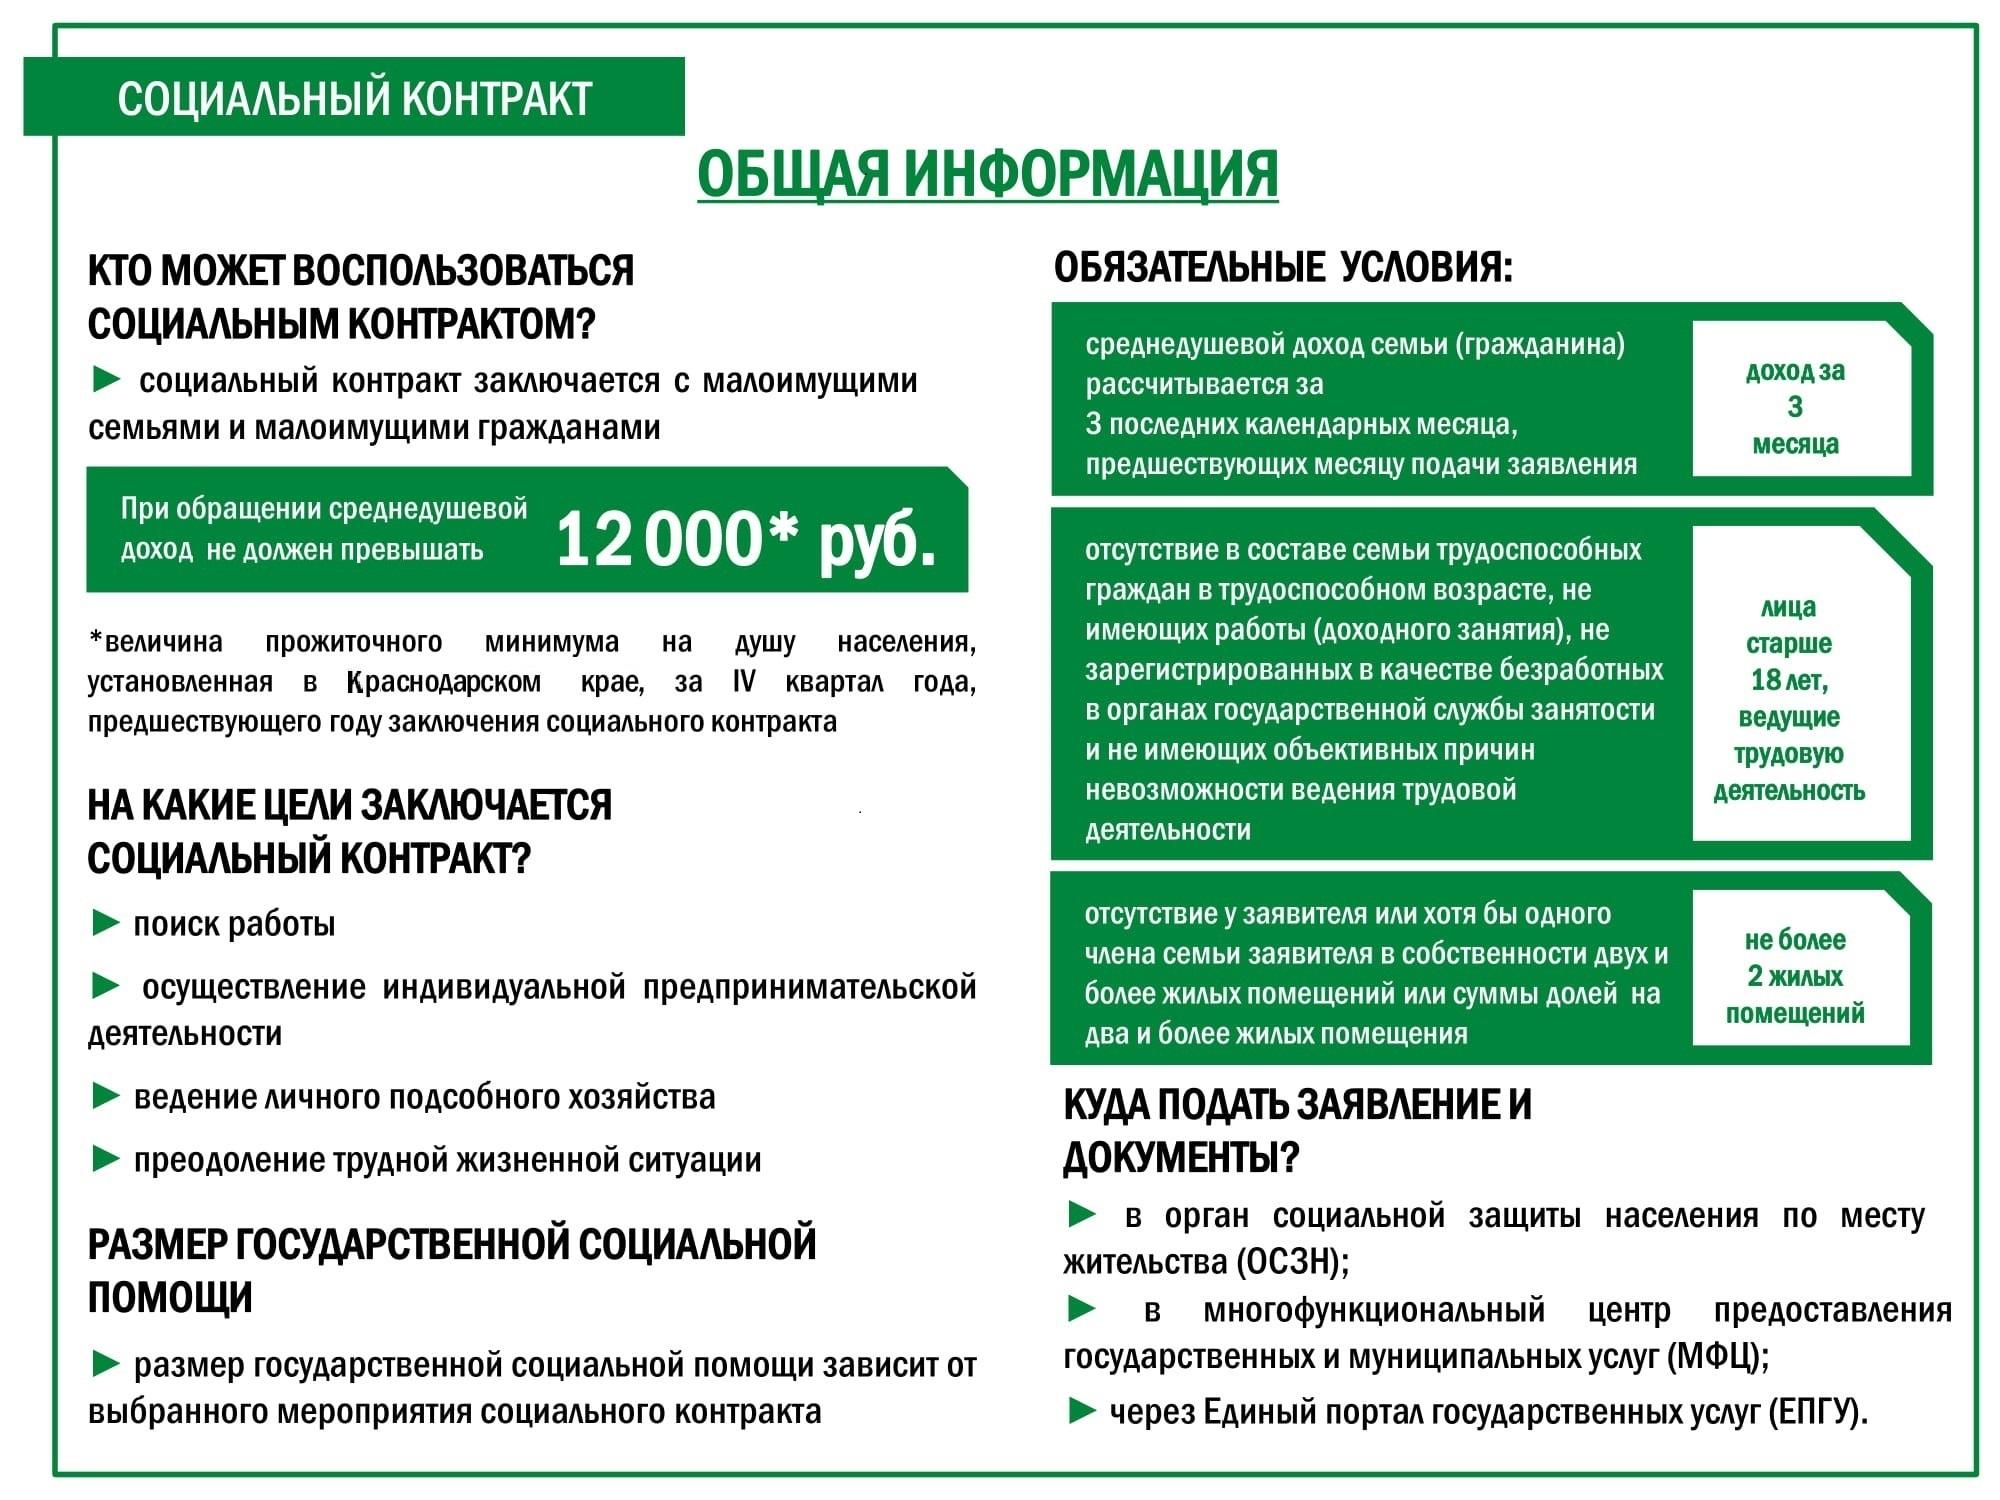 socialnyy_kontrakt_2021_dlya_publikacii-2